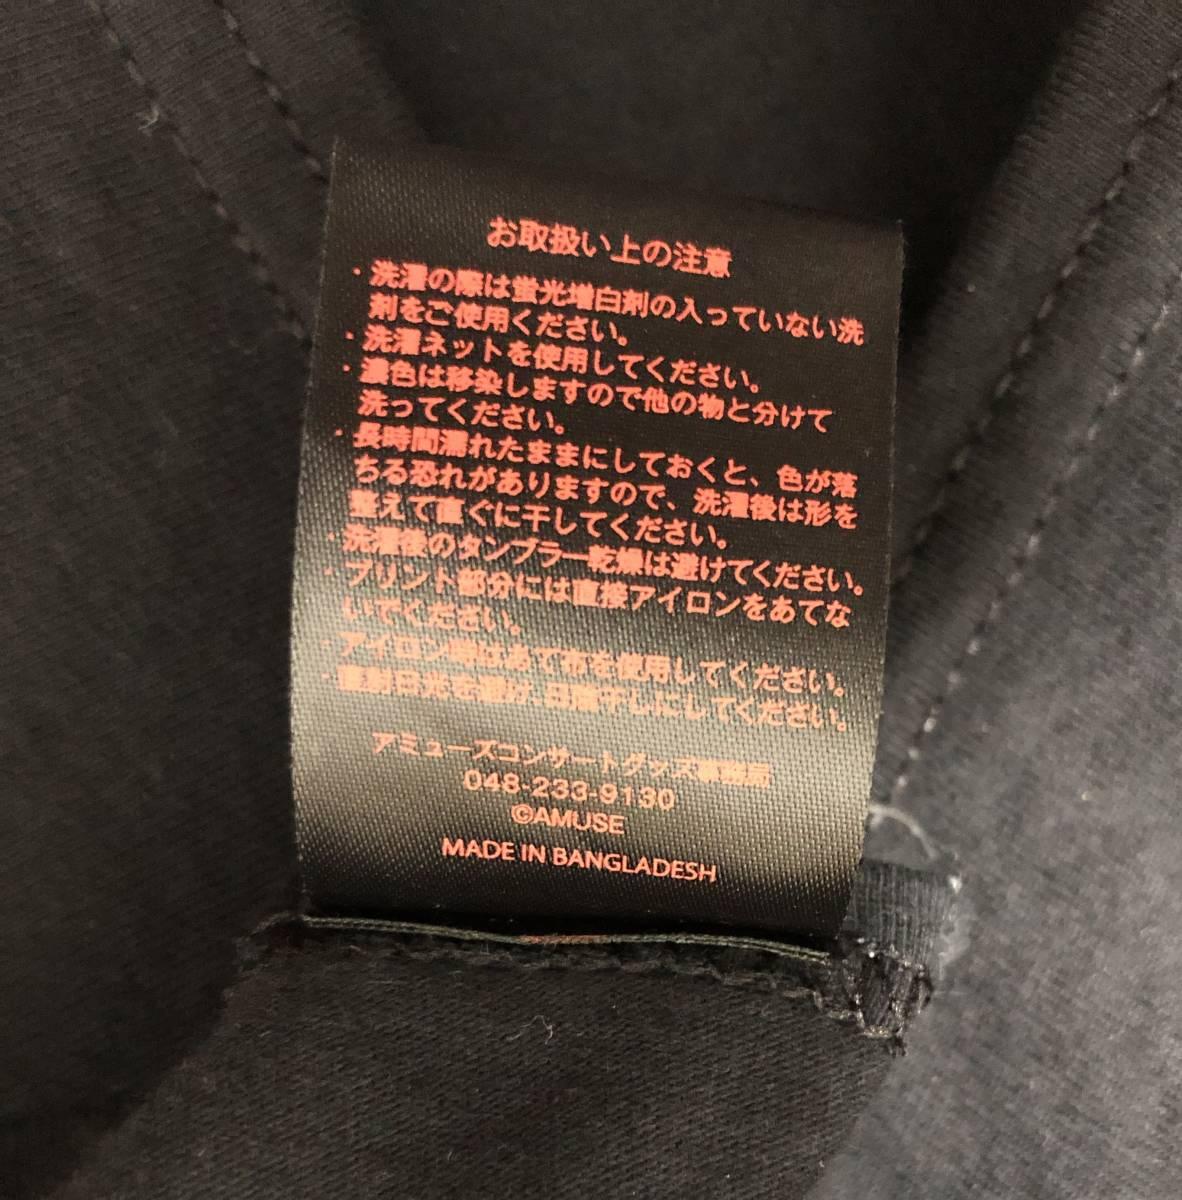 激レア 美品 BABYMETAL メタリカ コラボ 韓国公演 METAL RESISTANCE Tシャツ サイズM_画像7